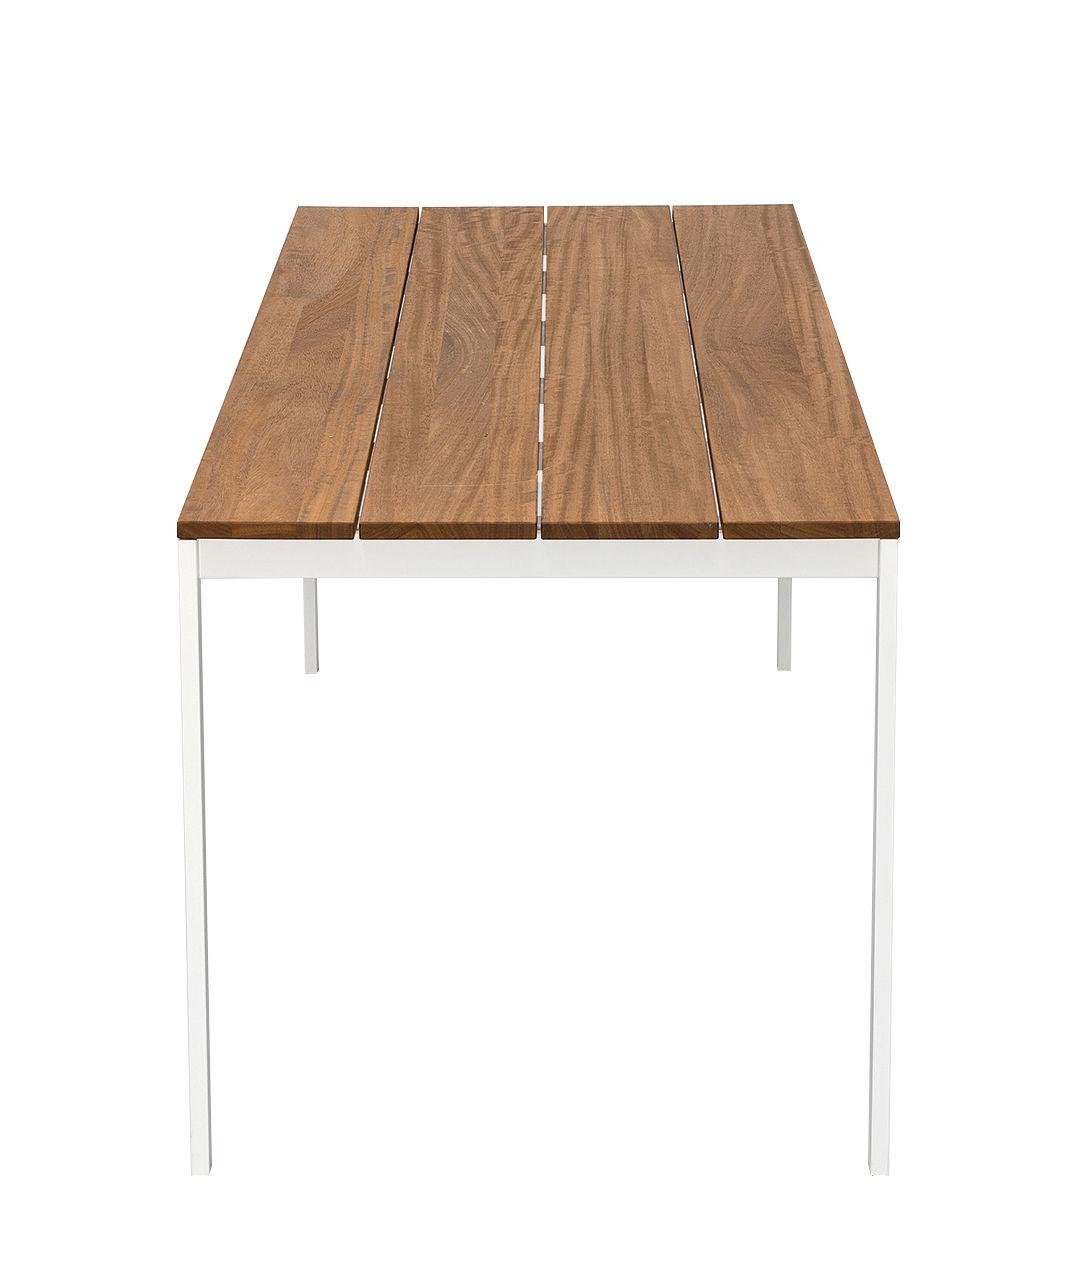 Outdoor - Tables de jardin - Table rectangulaire be-Easy / Teck - 200 x 79 cm - Kristalia - Teck / Acier laqué - Acier laqué, Teck